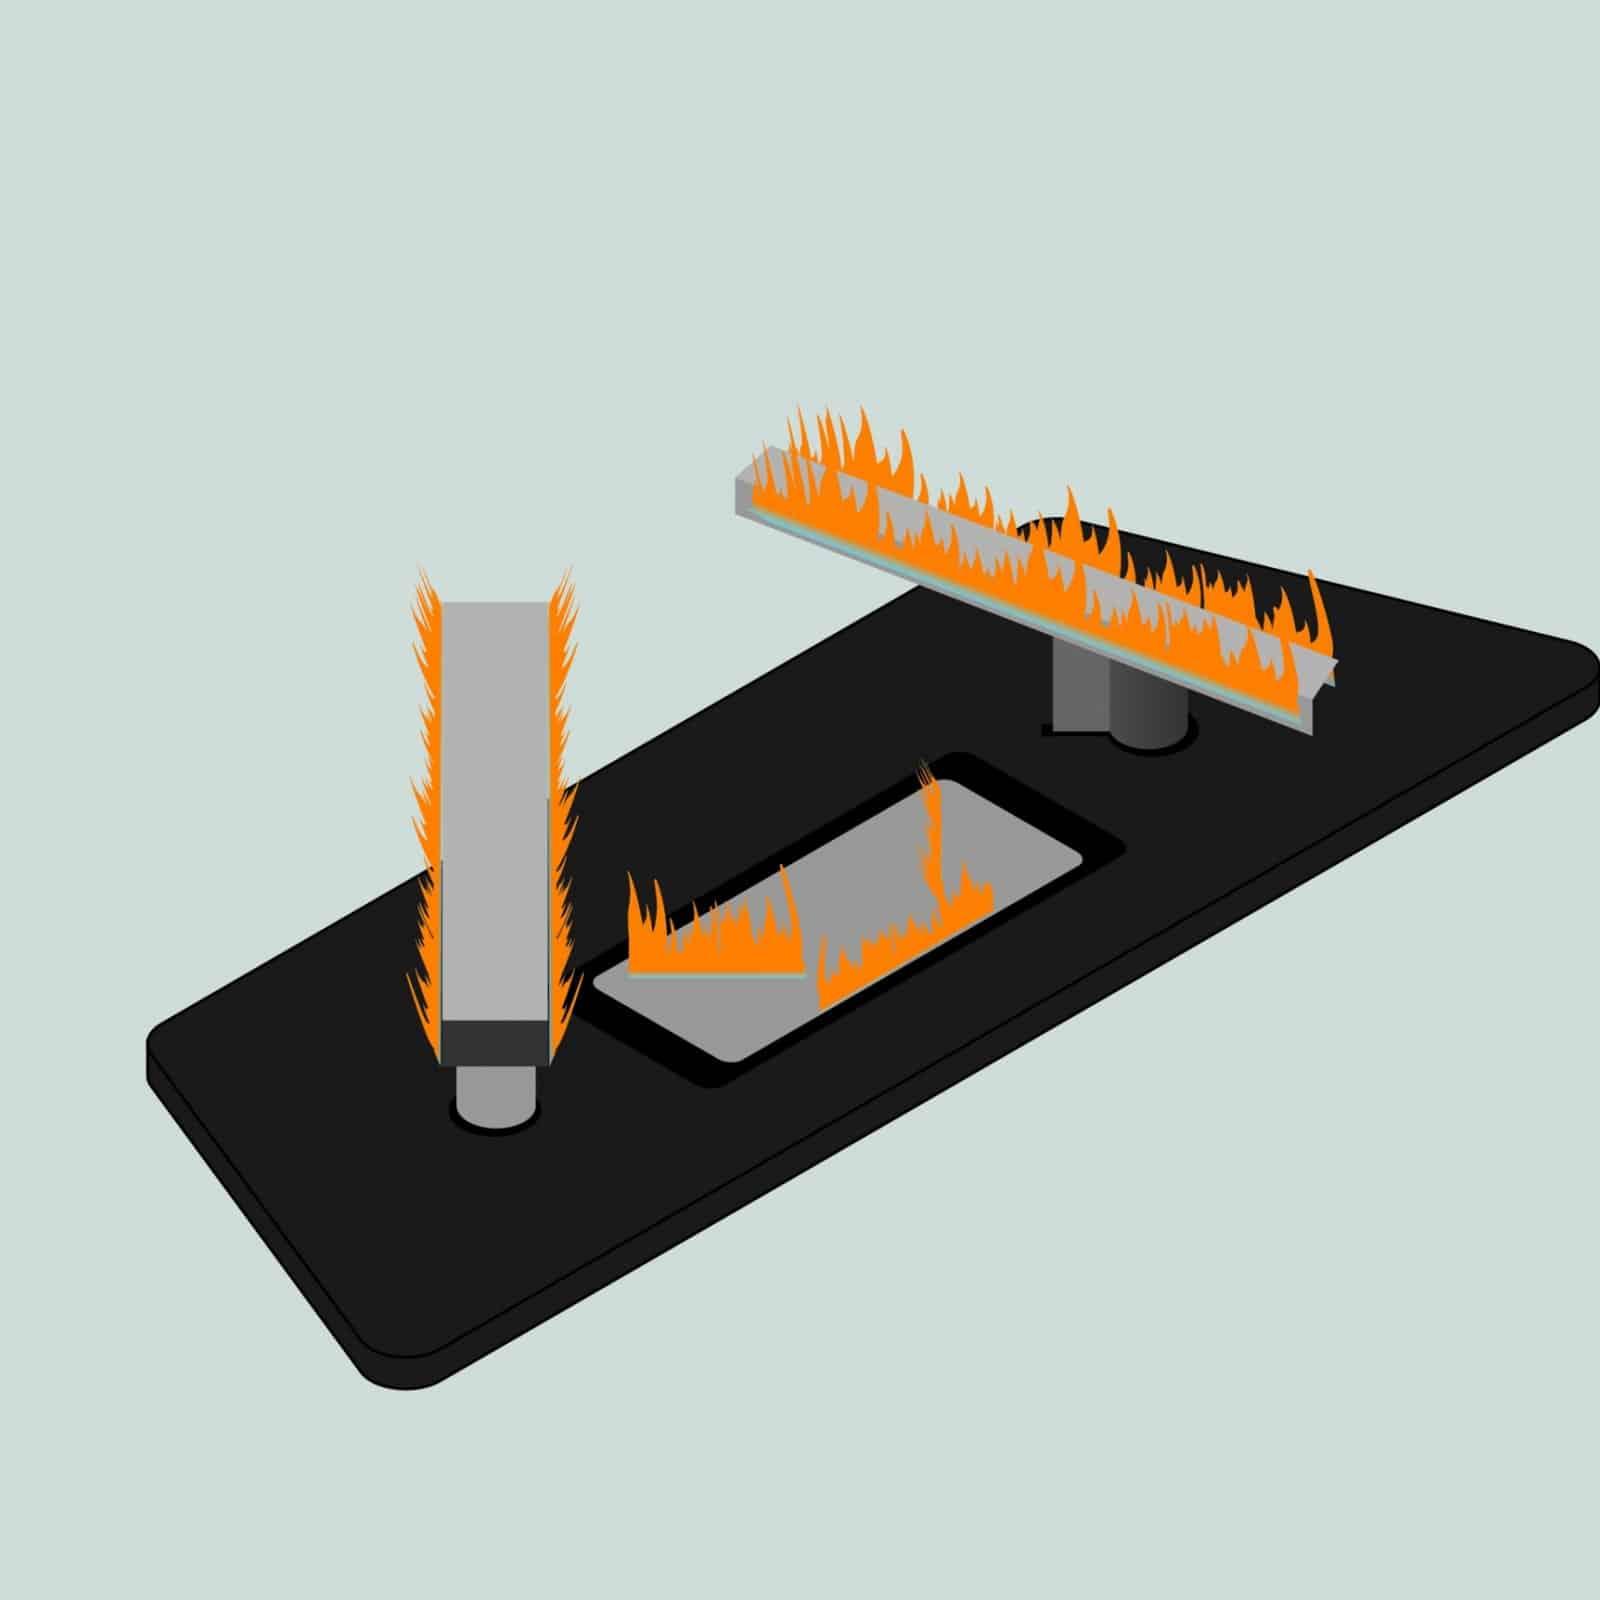 Element4-brænder-realflamme1-burner-philippejse